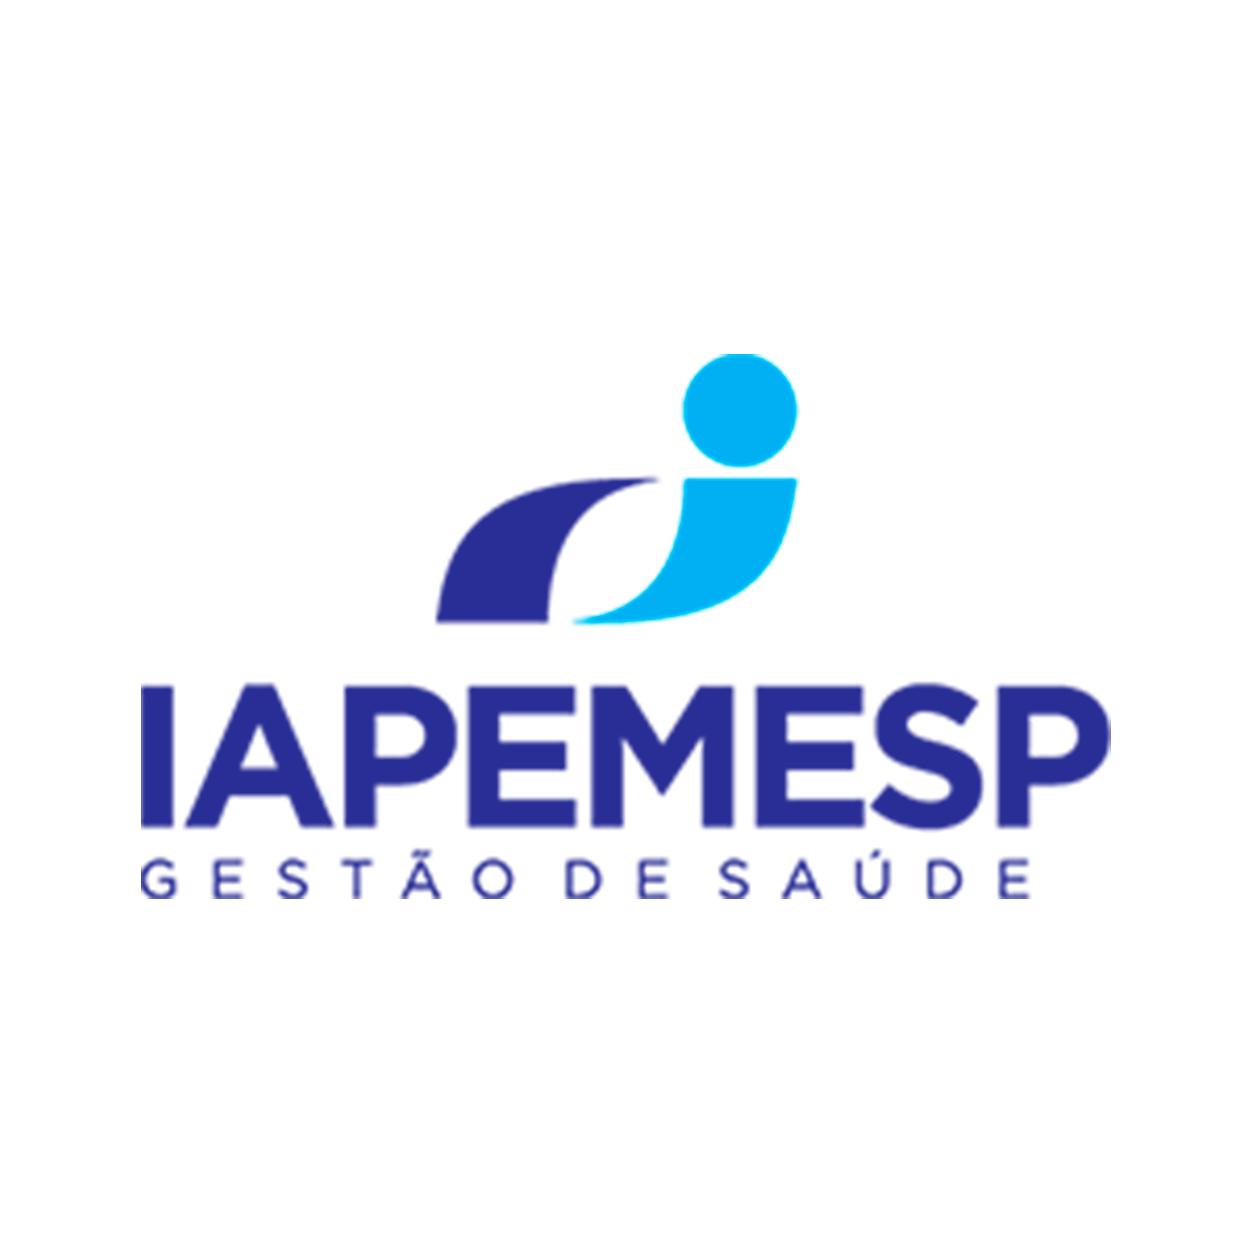 INSTITUTO AMERICANO DE PESQUISA